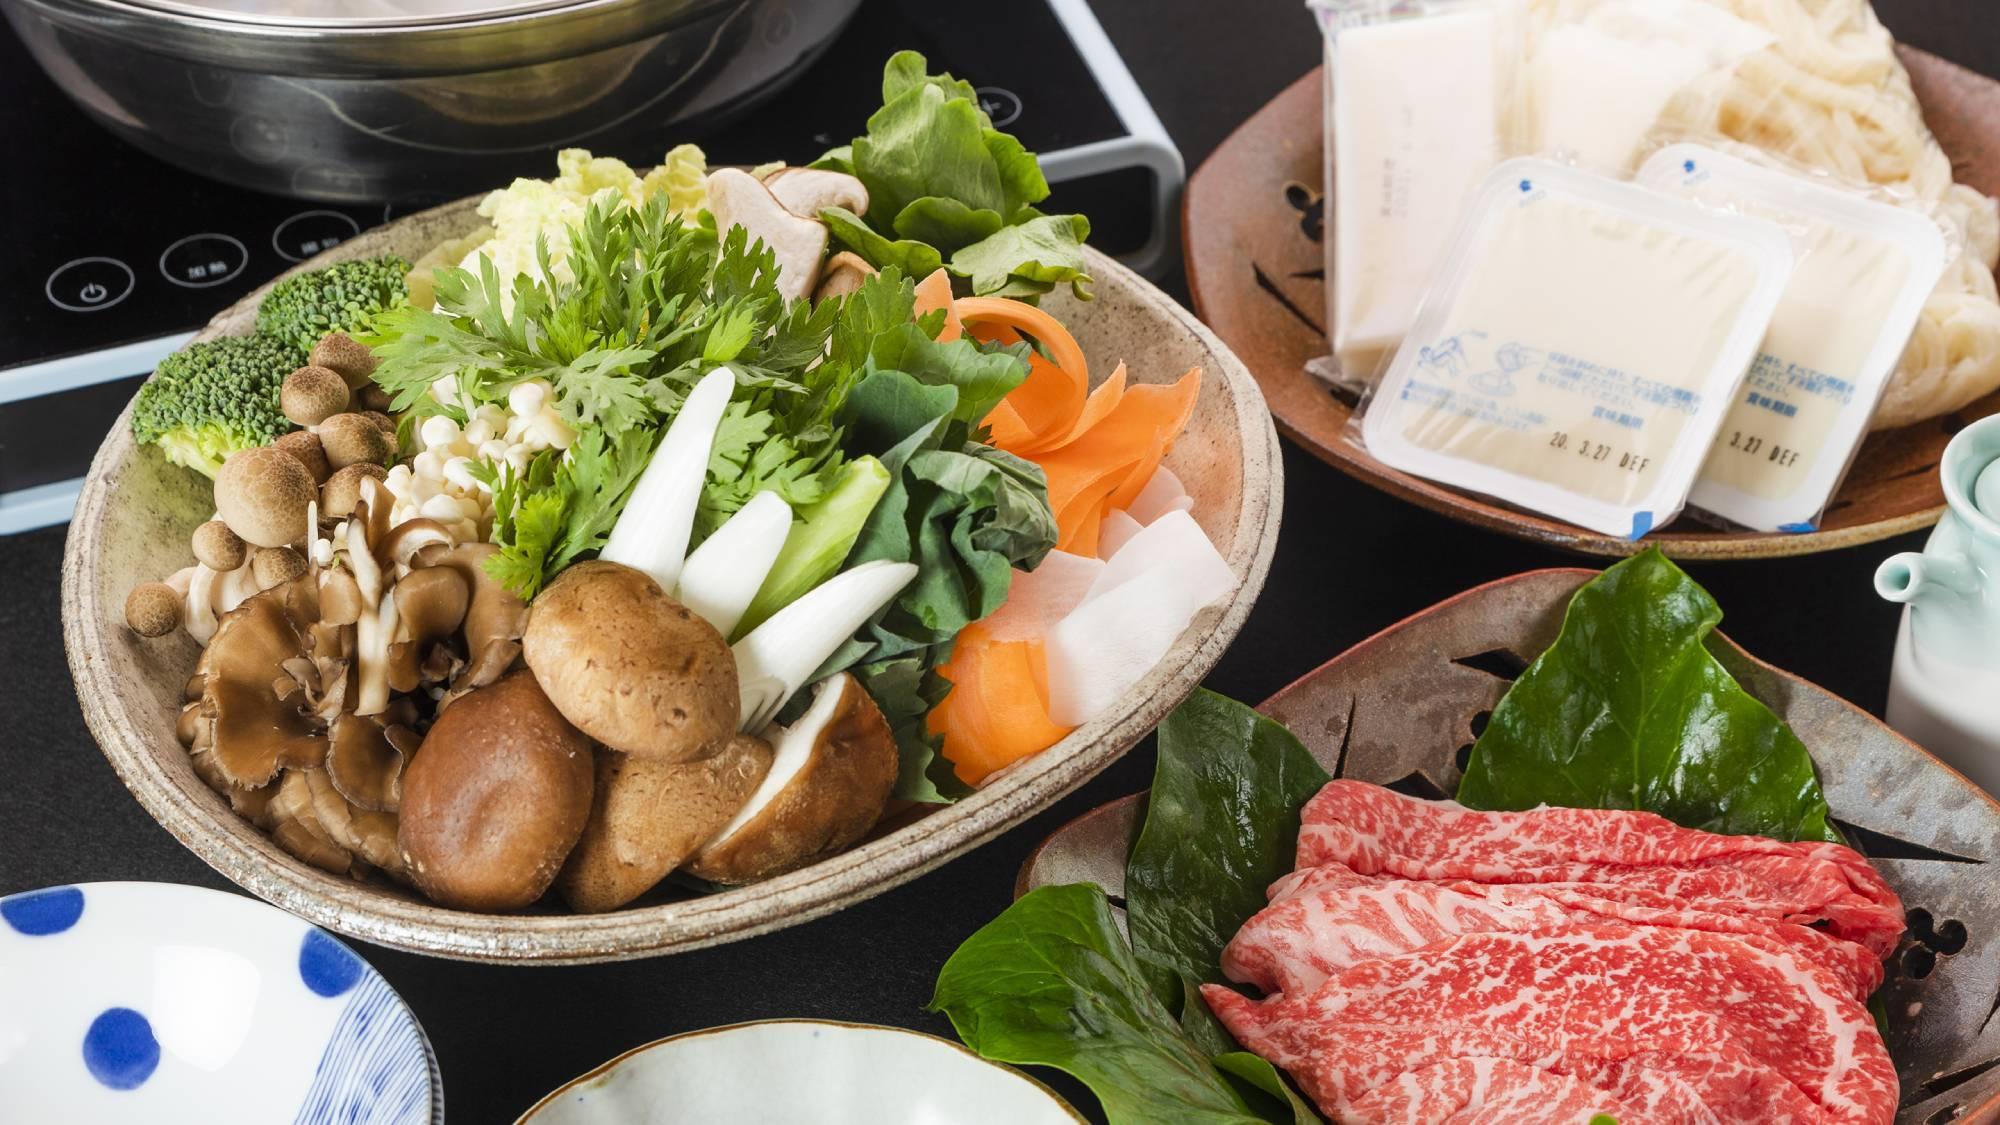 ・2020_夕食+旬のお野菜と島根和牛しゃぶしゃぶ鍋(写真2人前)+3300円